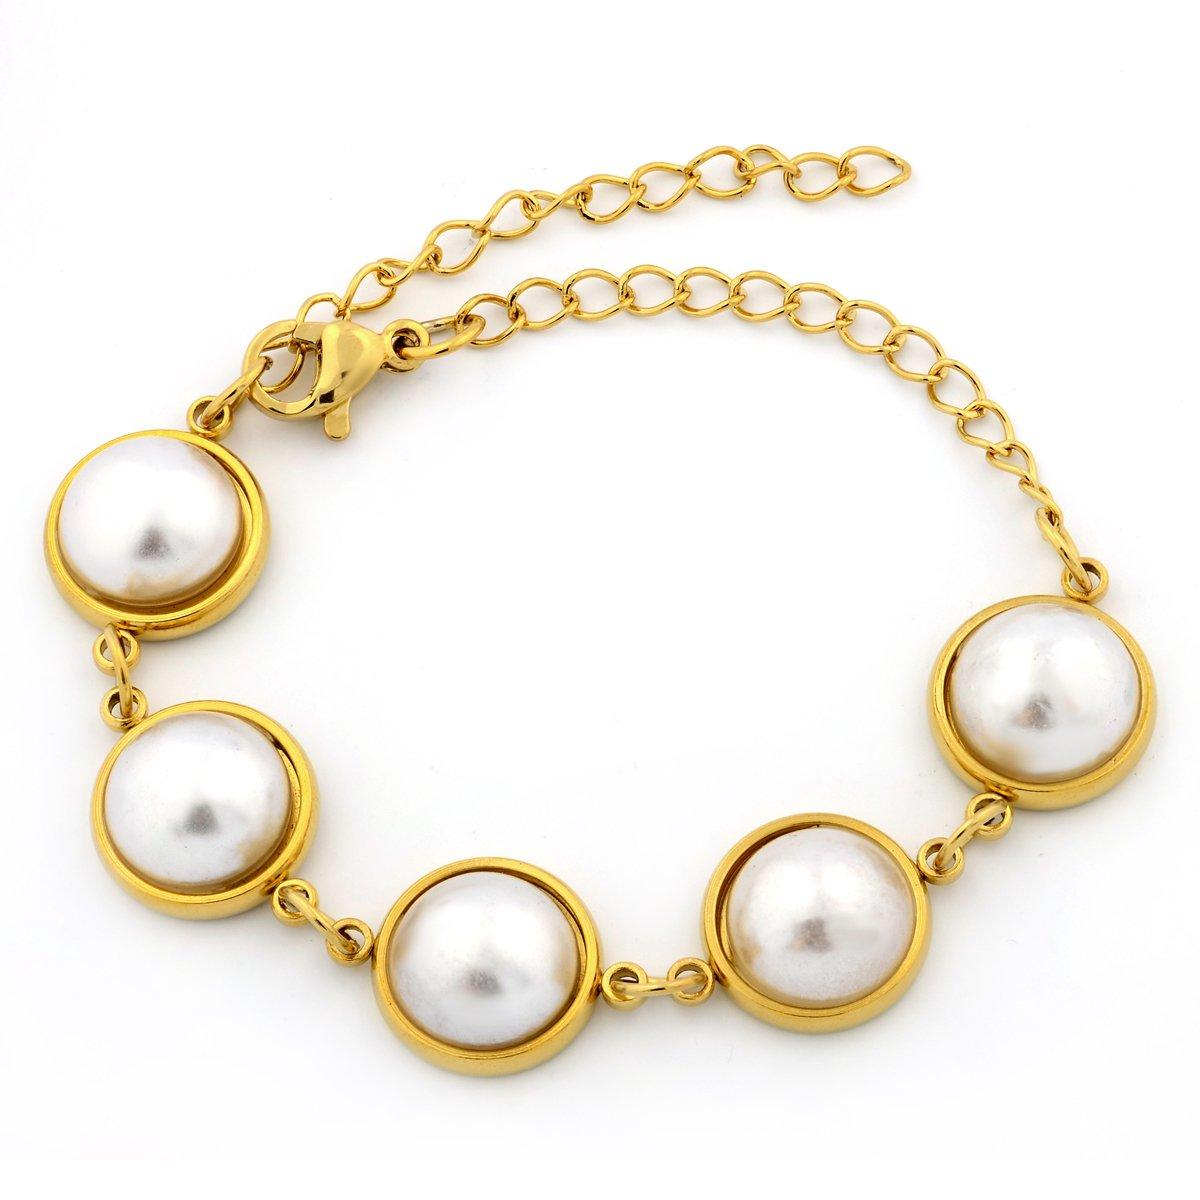 18-Karat Gold-Plated Stainless Steel Adjustable Bracelet & Anklet. (Cream)